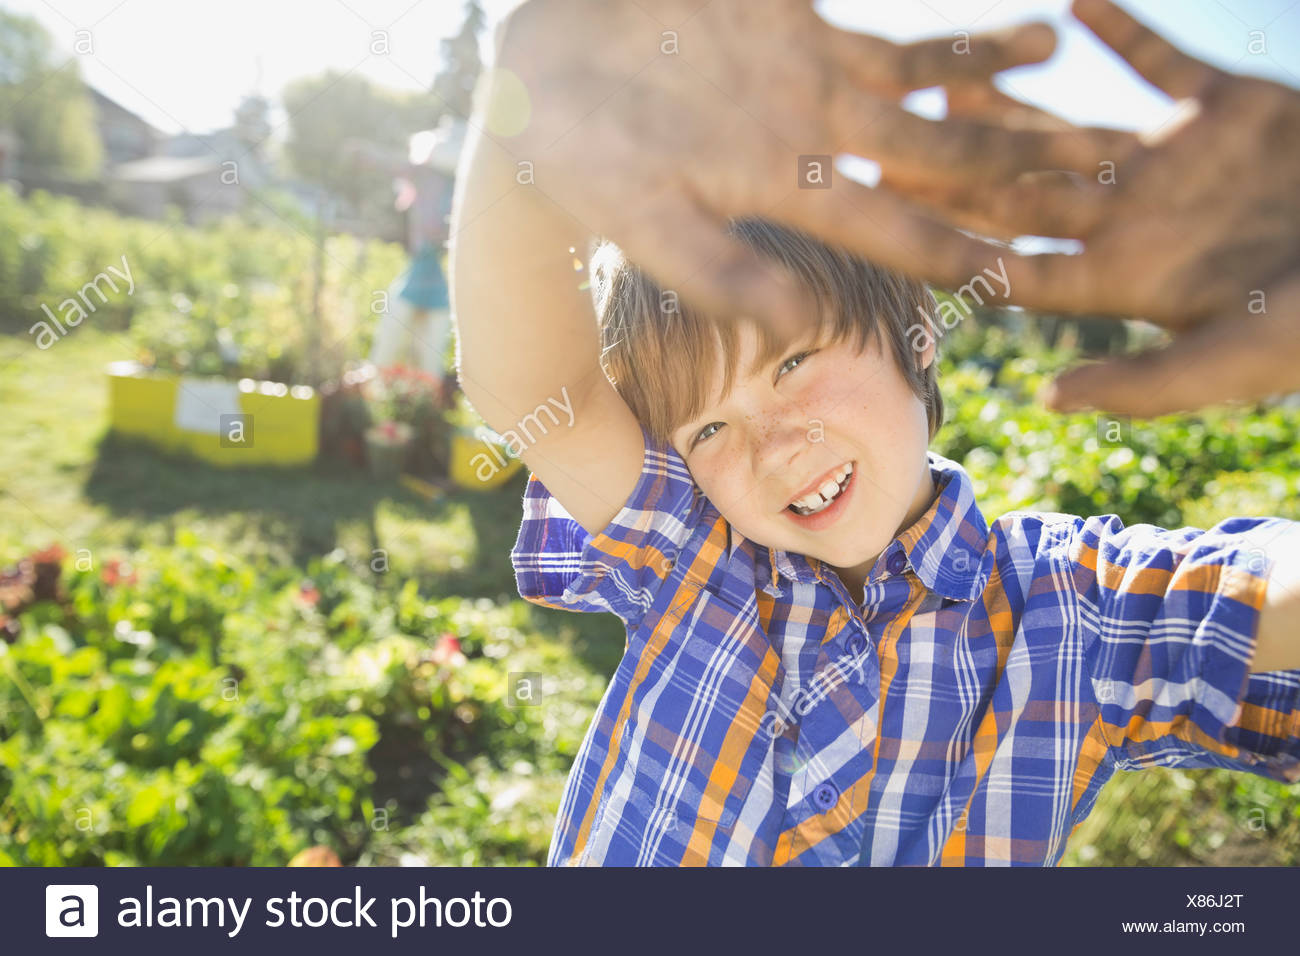 Chico con los brazos levantados en jardín comunitario permanente Imagen De Stock